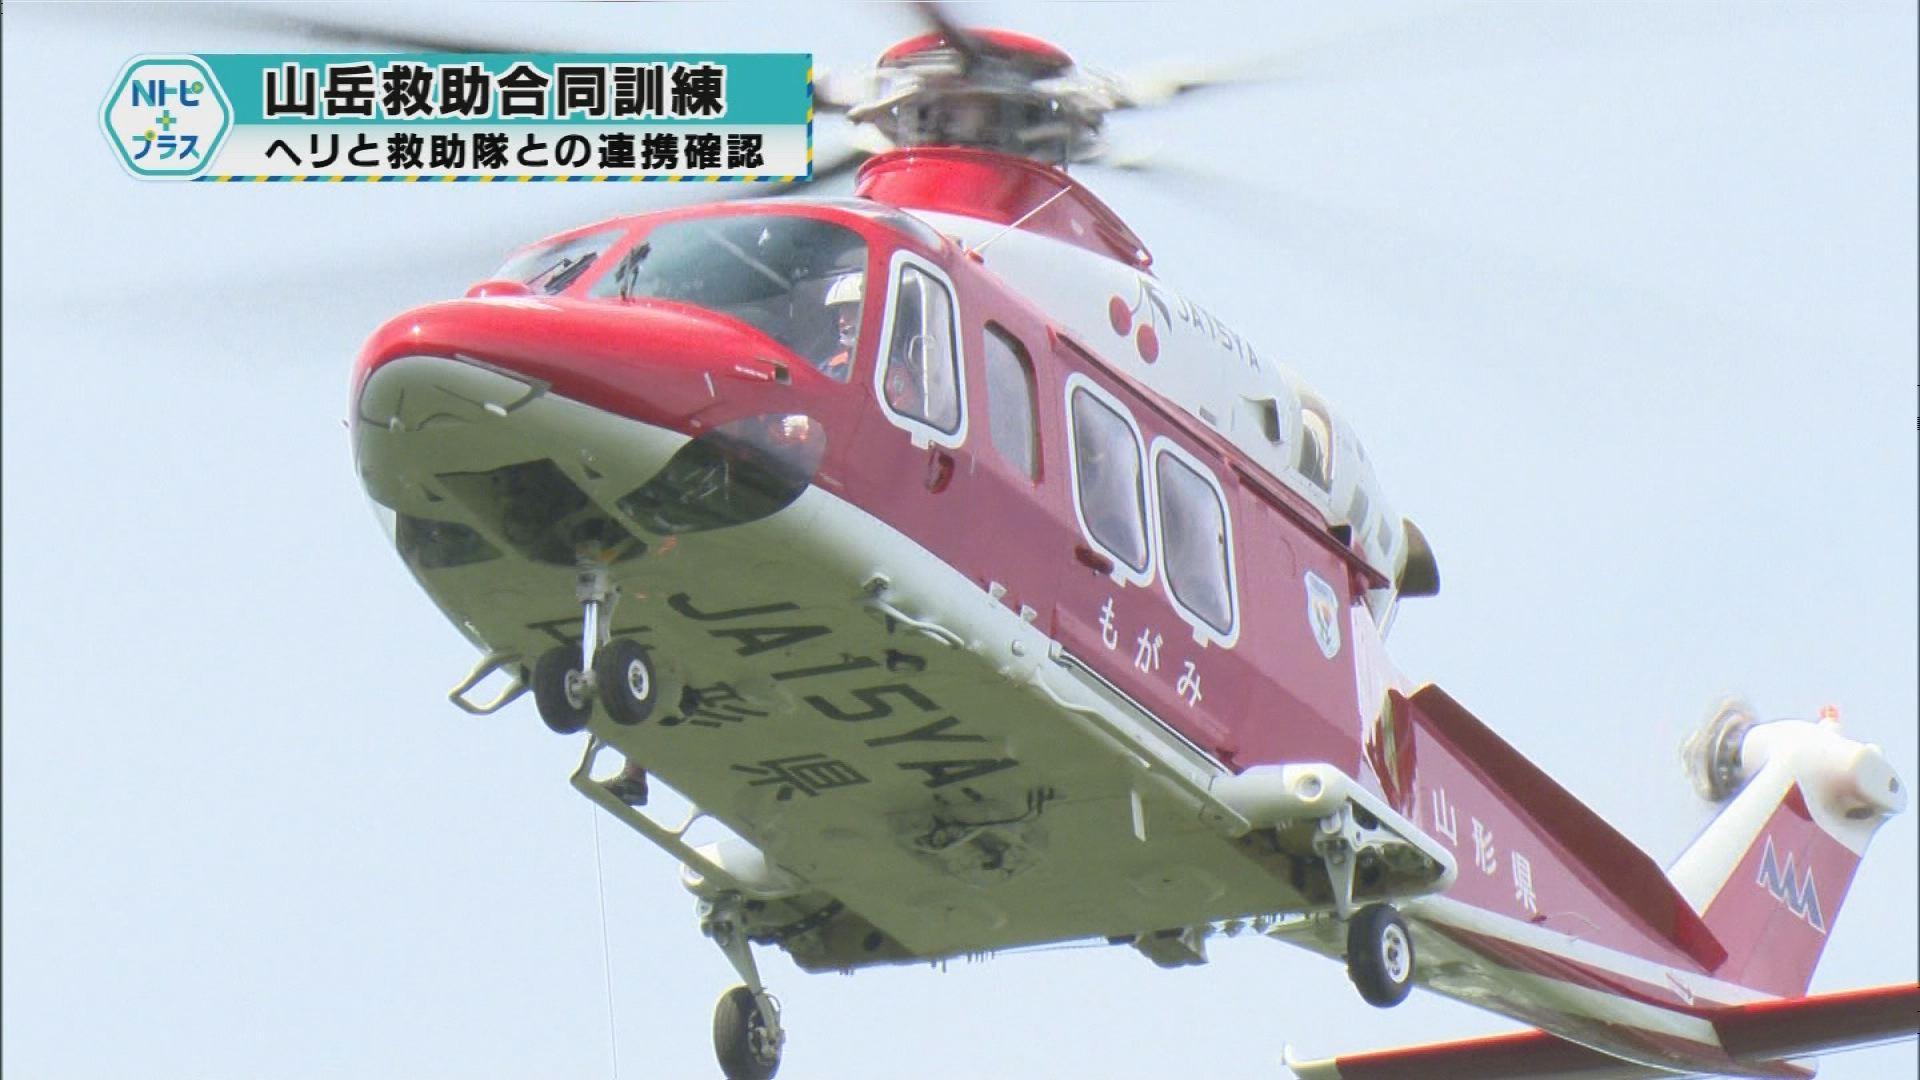 「山岳救助合同訓練」ヘリと救助隊との連携確認